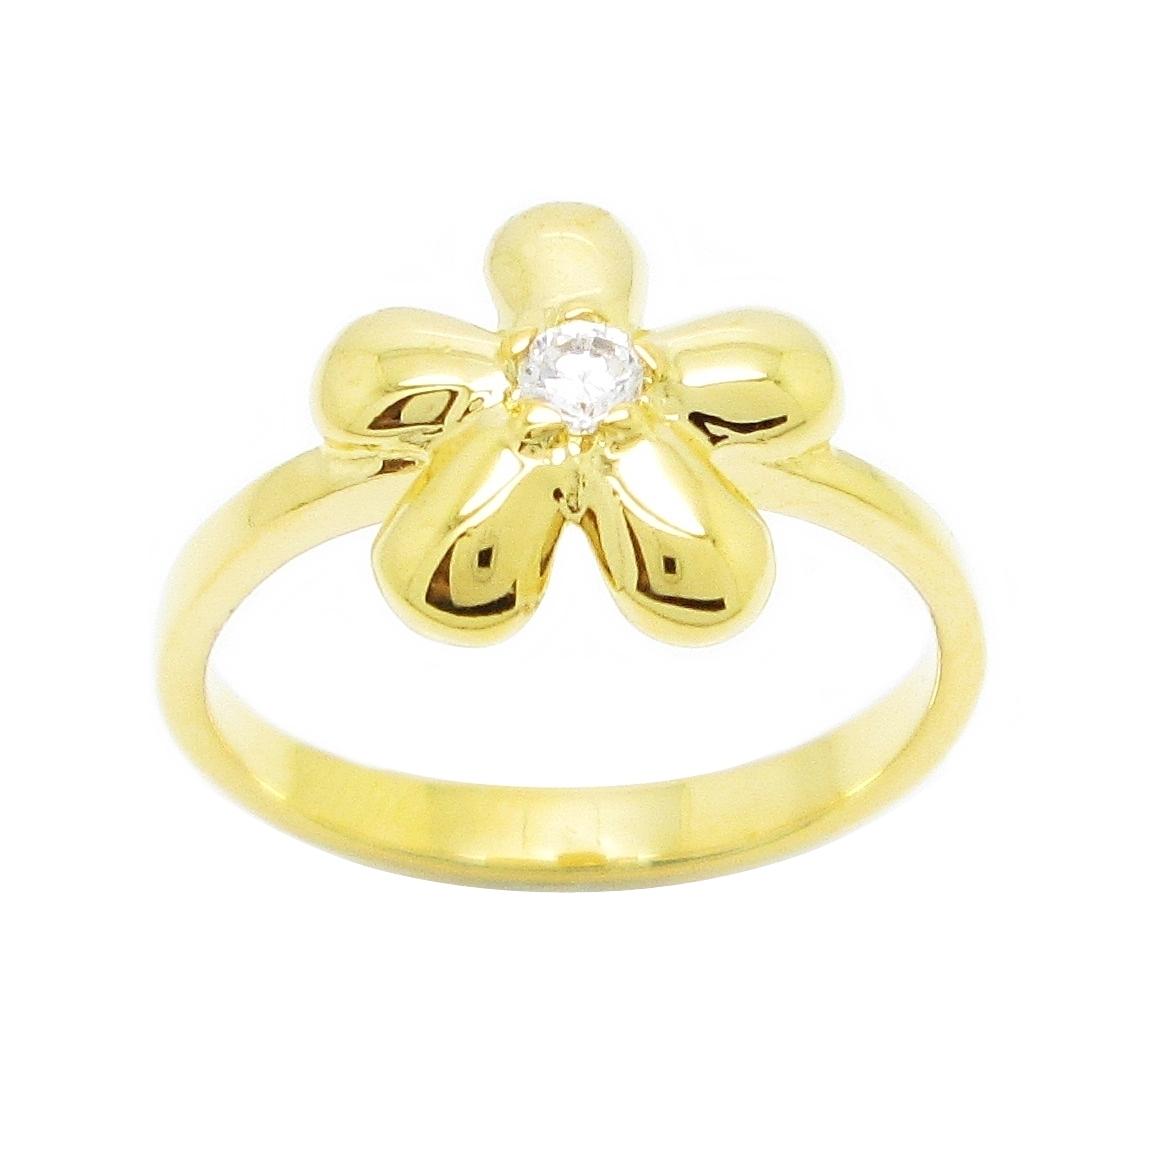 แหวนดอกไม้ประดับเพชรชุบทอง